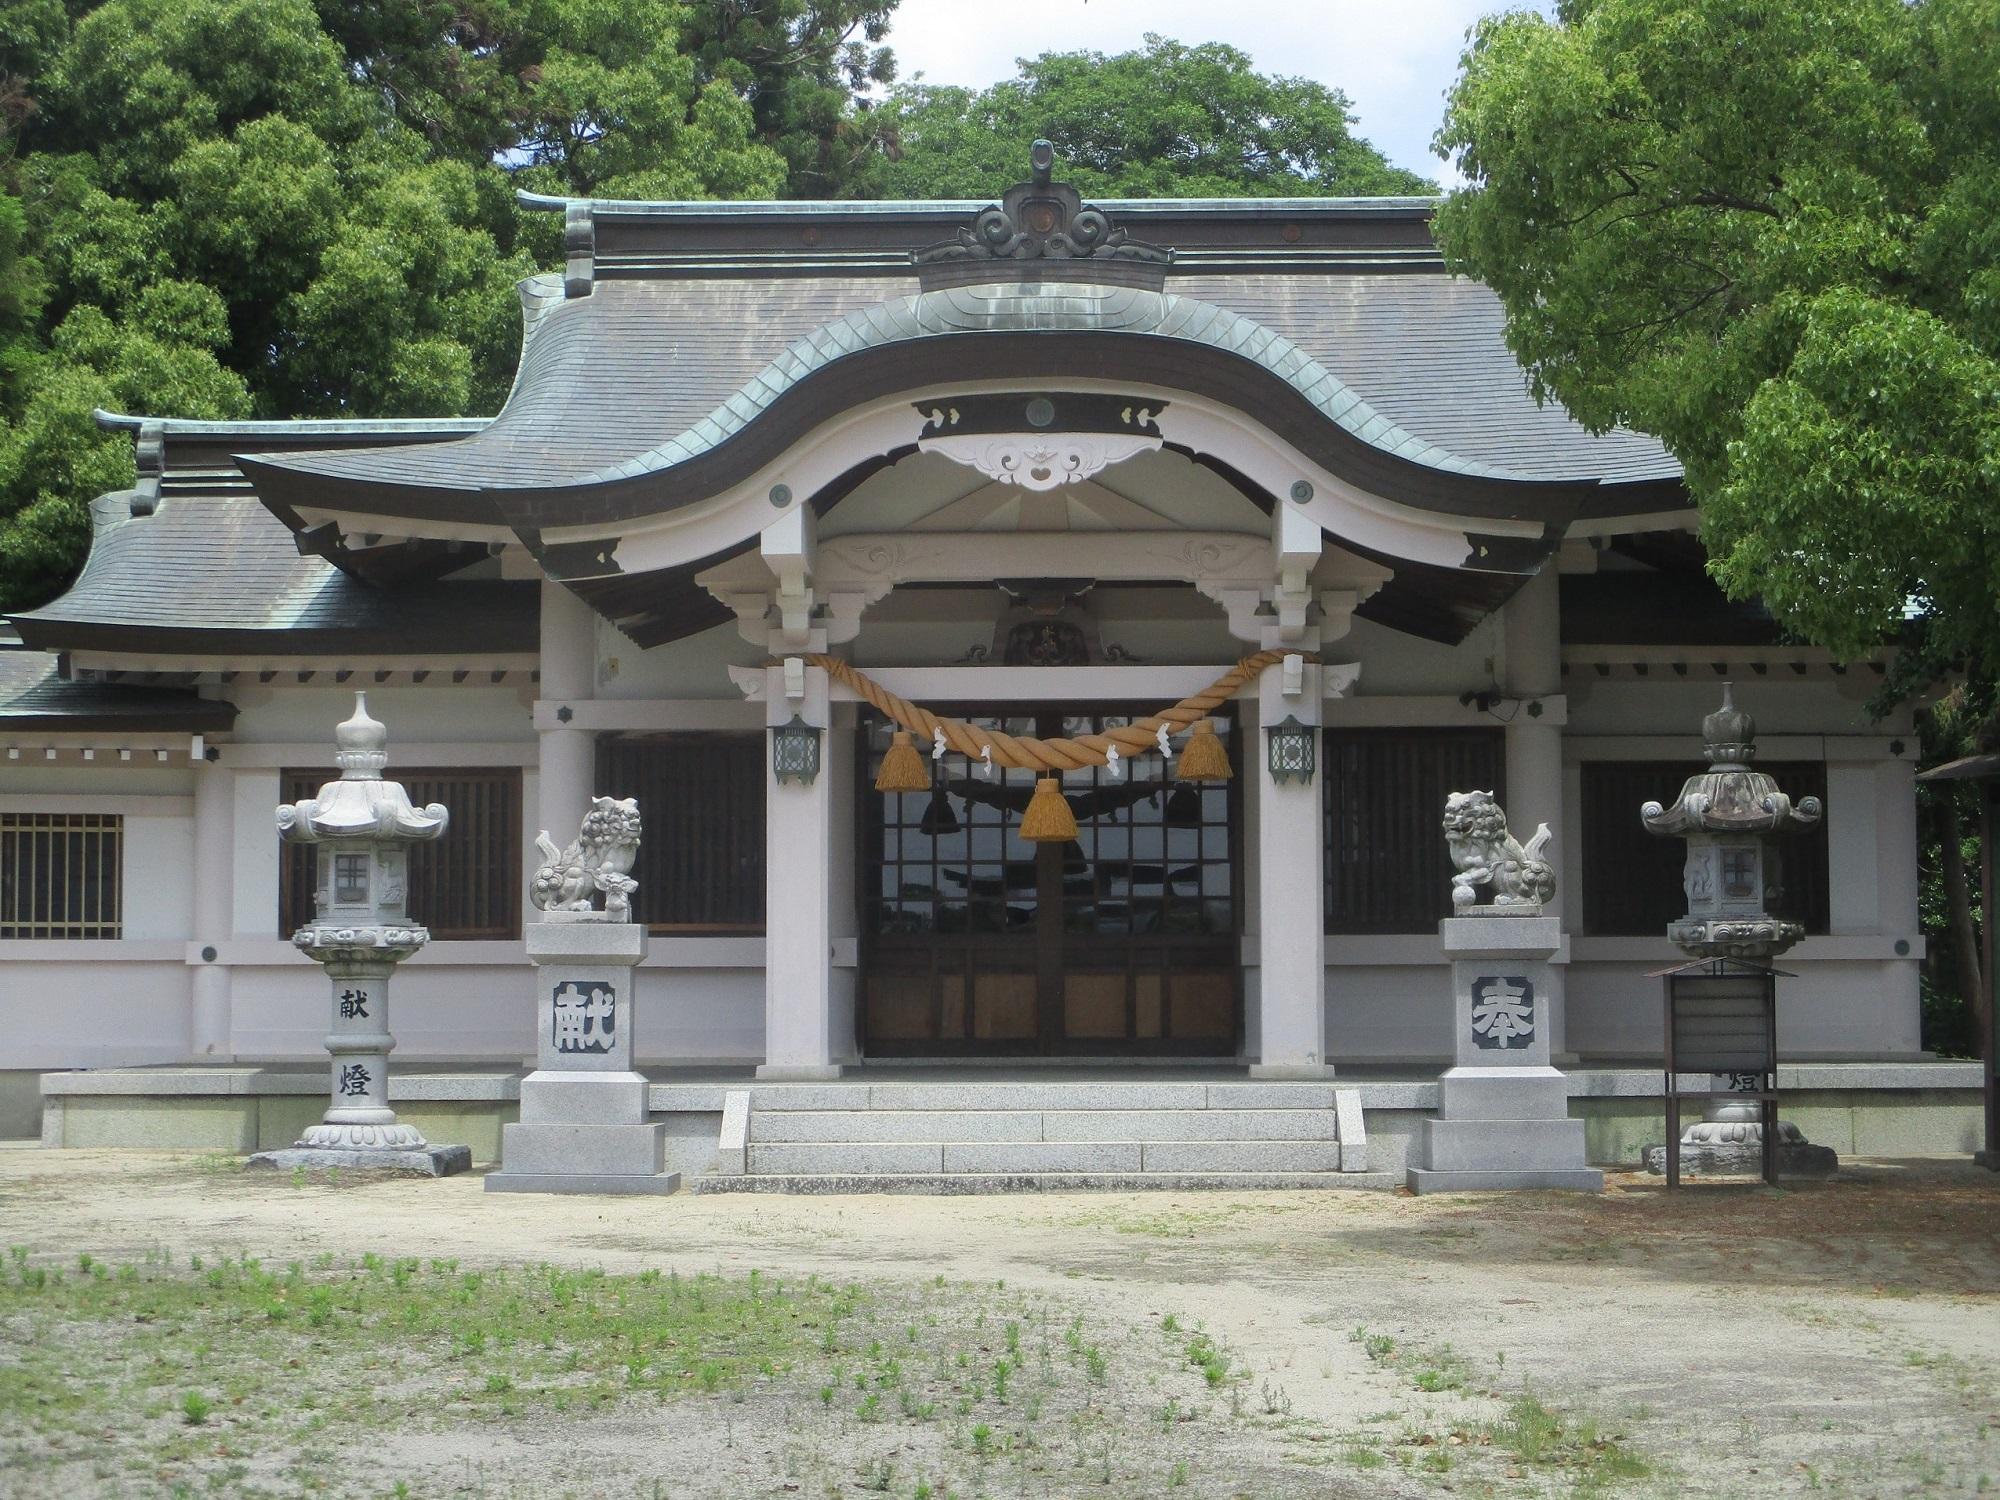 2020.5.27 (21) 鷲取神社 - 拝殿 2000-1500